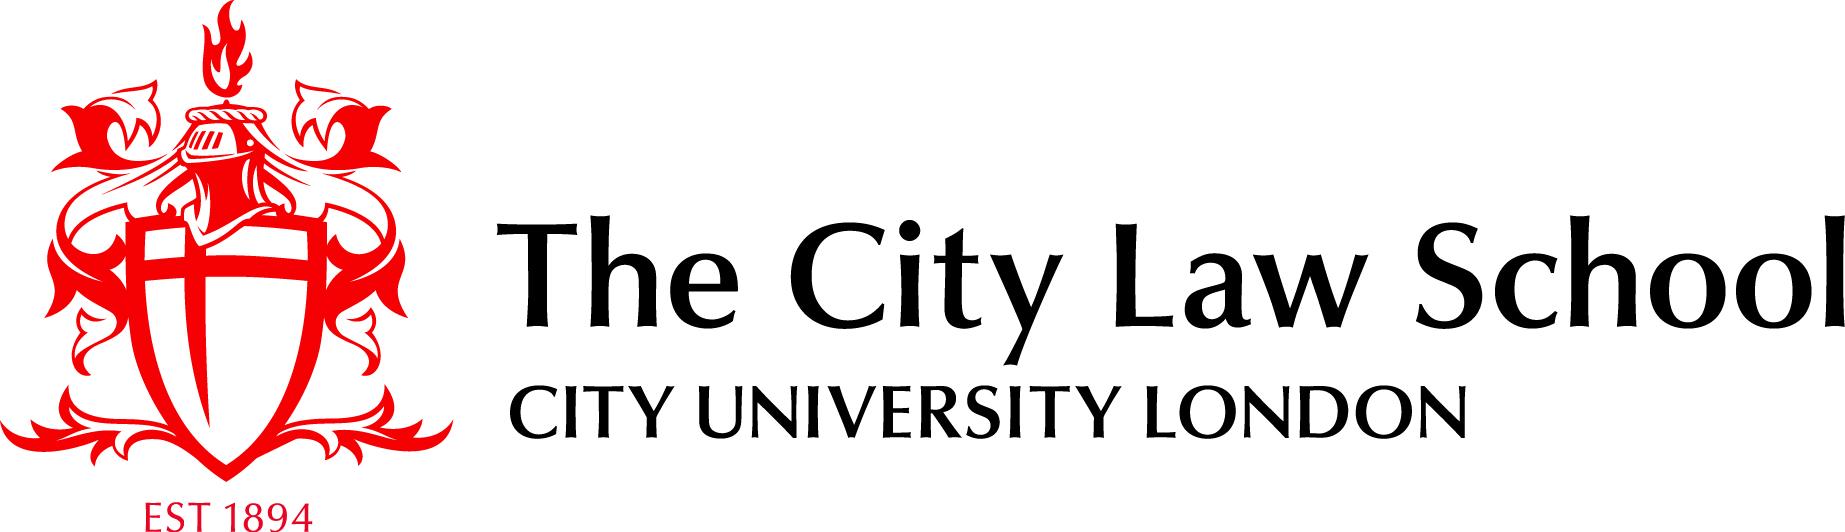 LLM Programmes